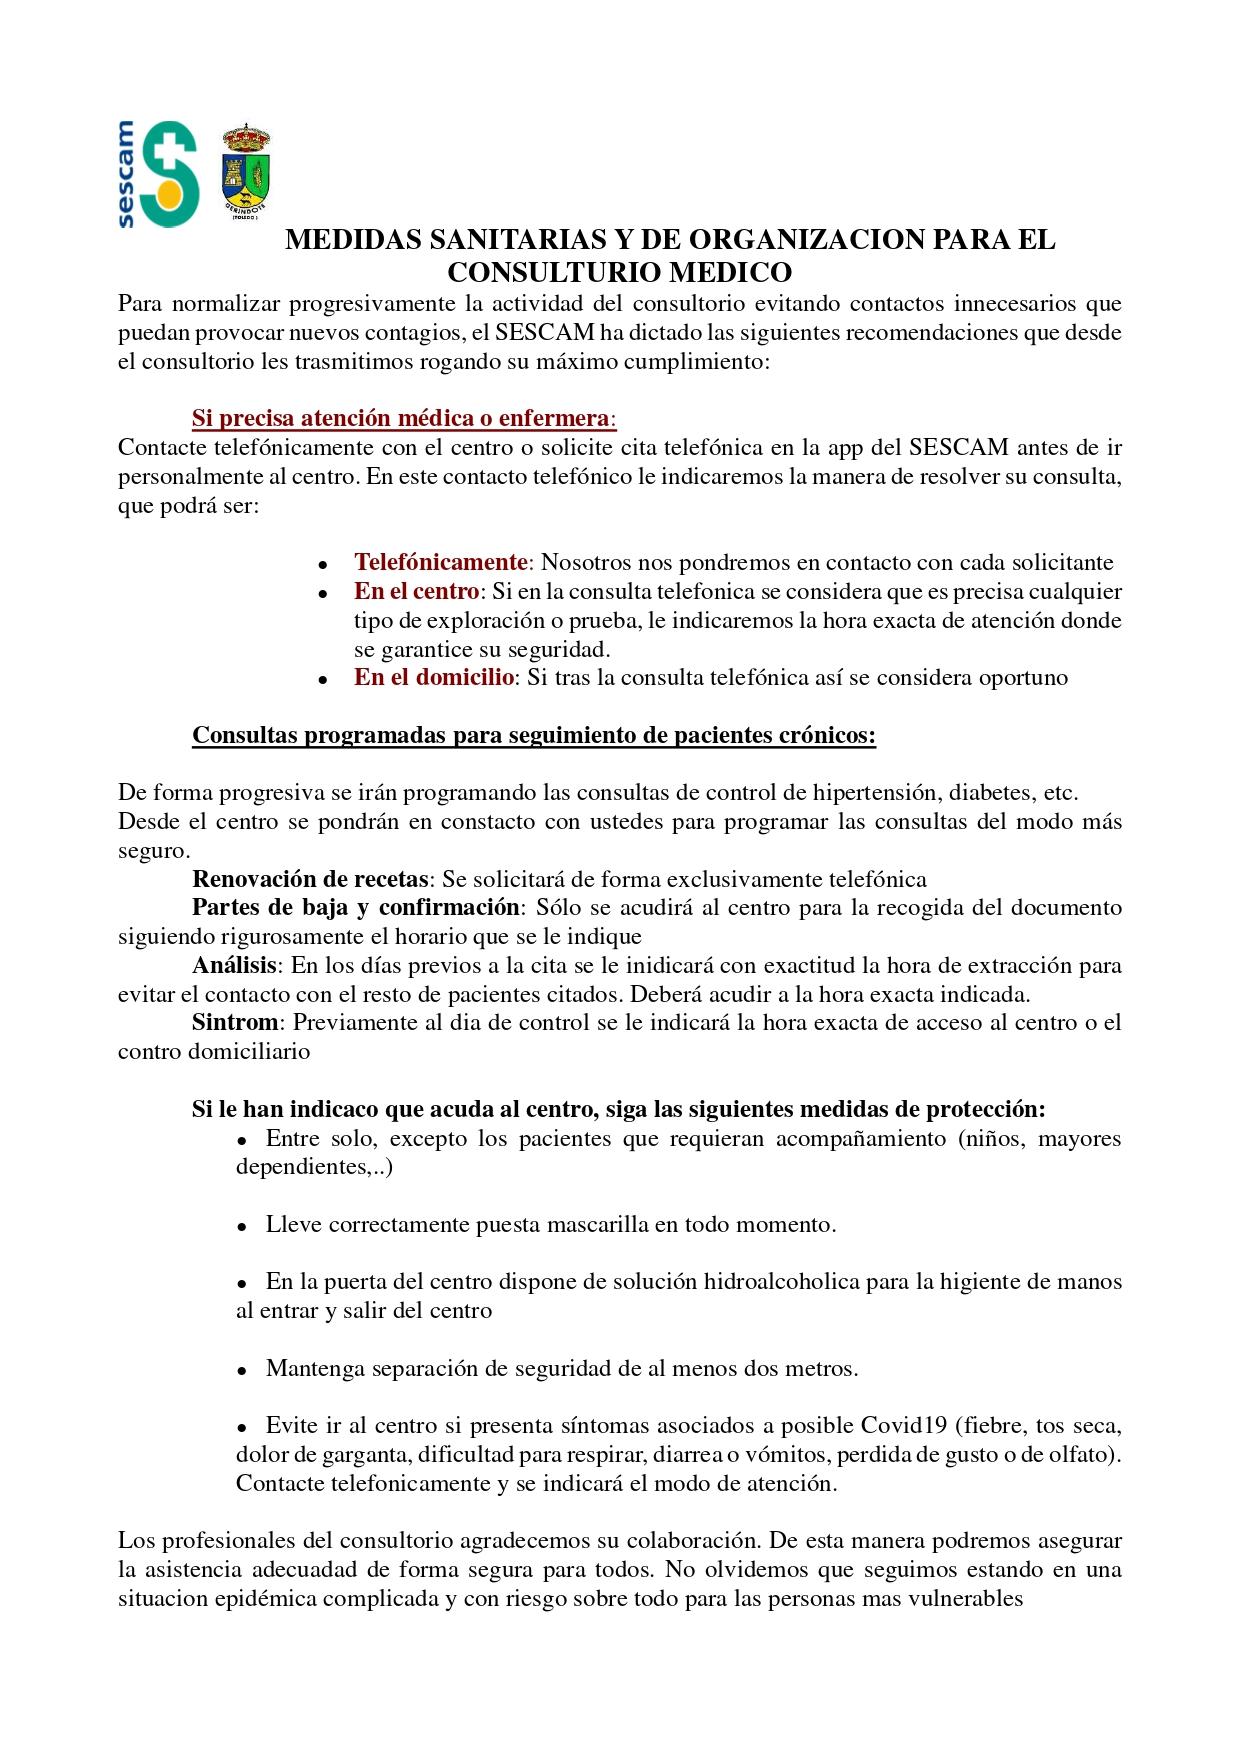 MEDIDAS SANITARIAS Y DE ORGANIZACION CONSULTORIO MEDICO_page-0001